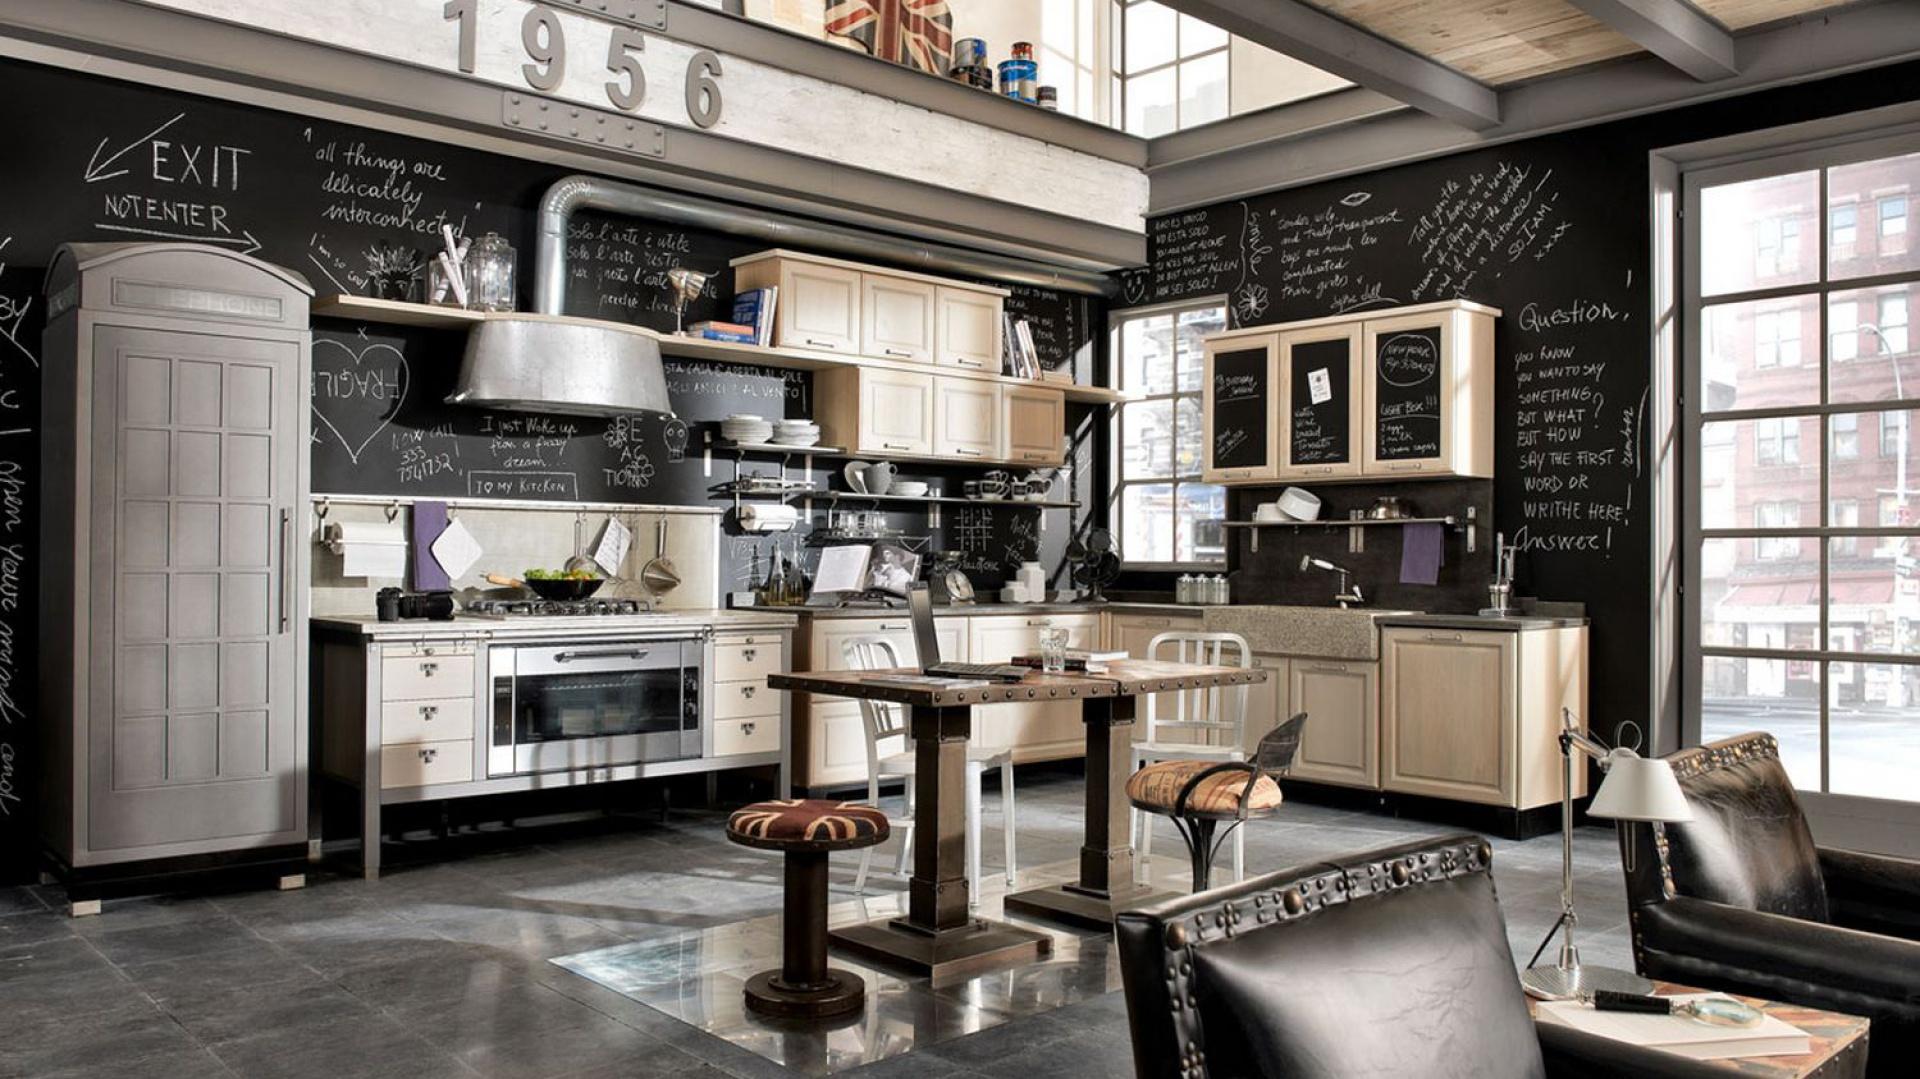 Zabudowa lod wki jak stara urz dzamy kuchni postaw - Campana cocina industrial ...